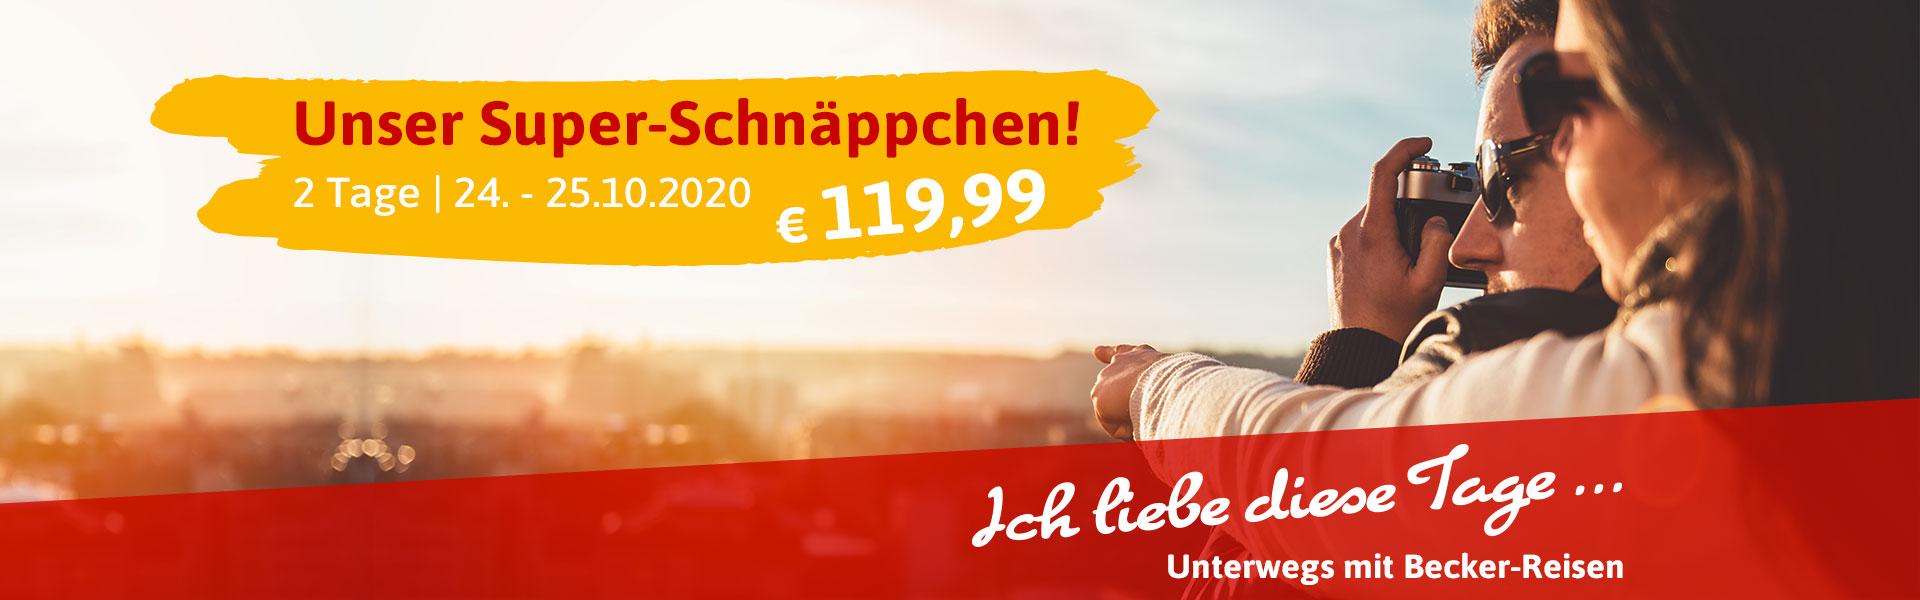 Becker Reise - Superschnäppchen 2020